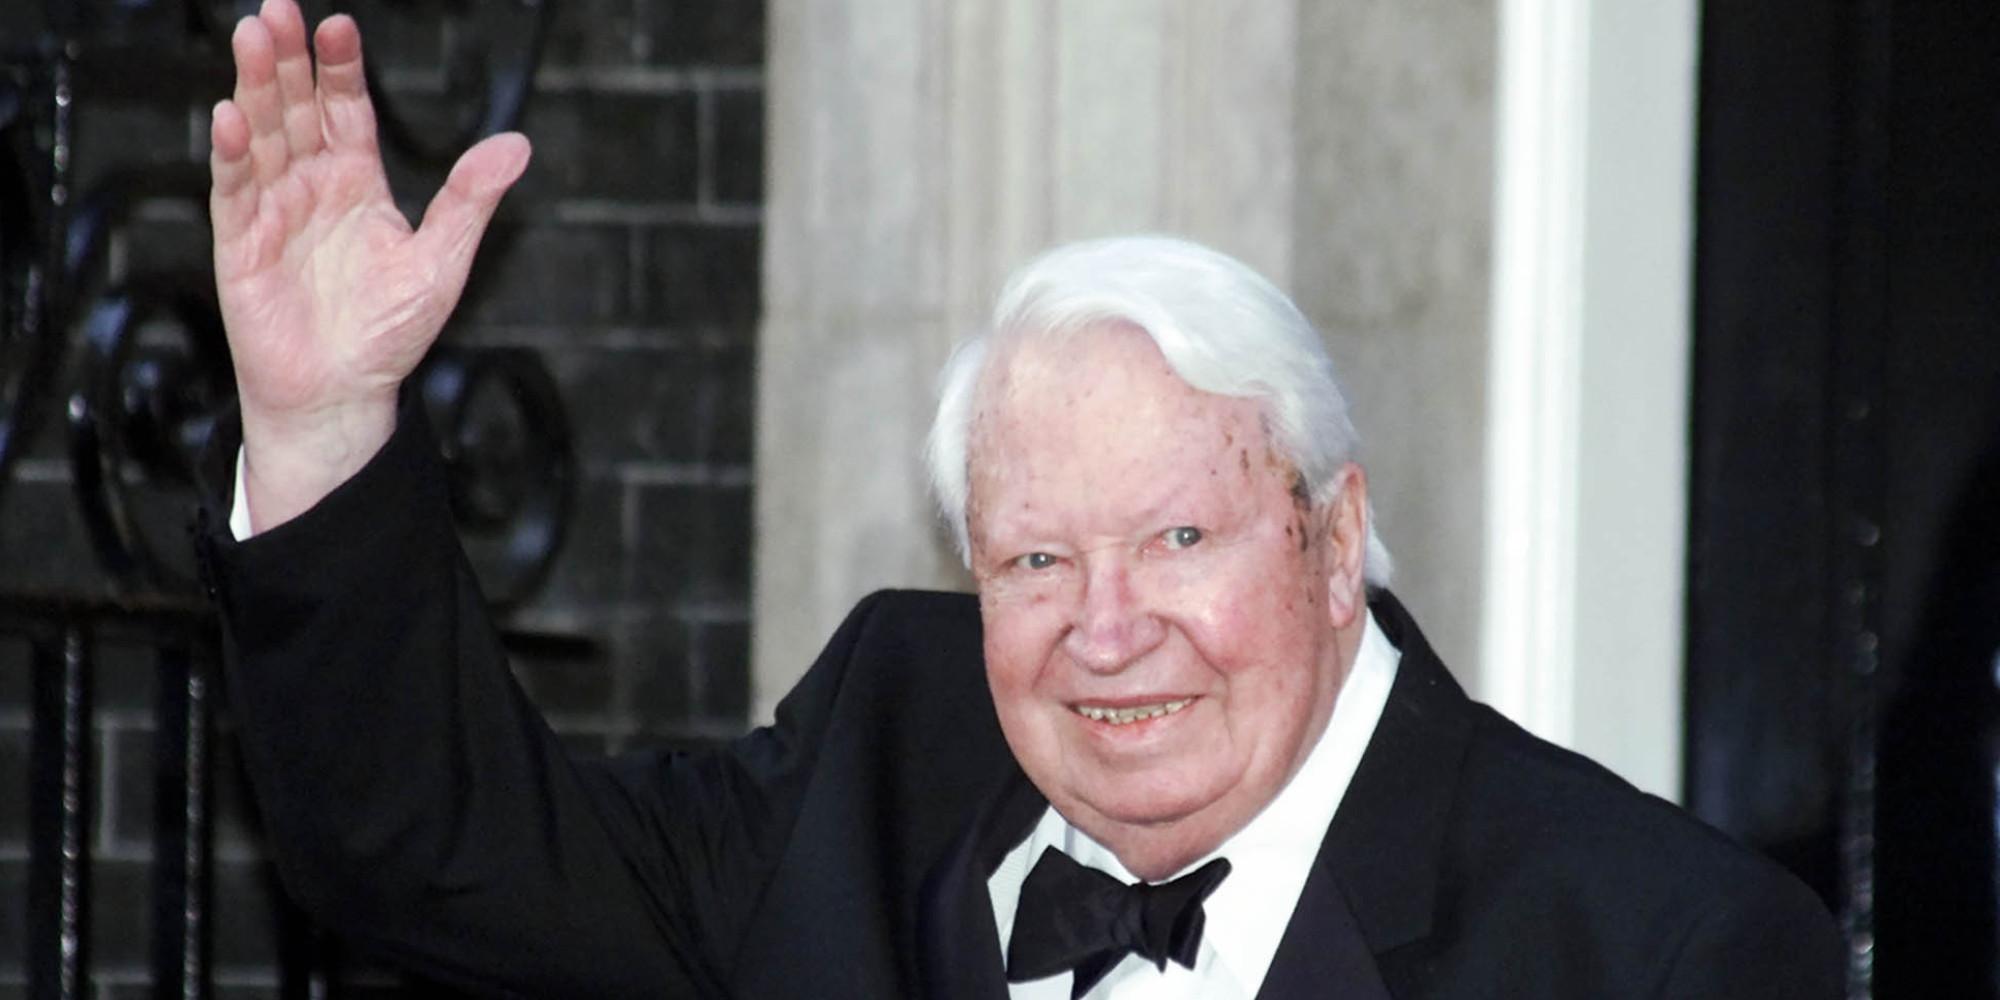 Sir Edward Heath, Ex-Prime Minister, 'Raped Boy Aged 12 ...